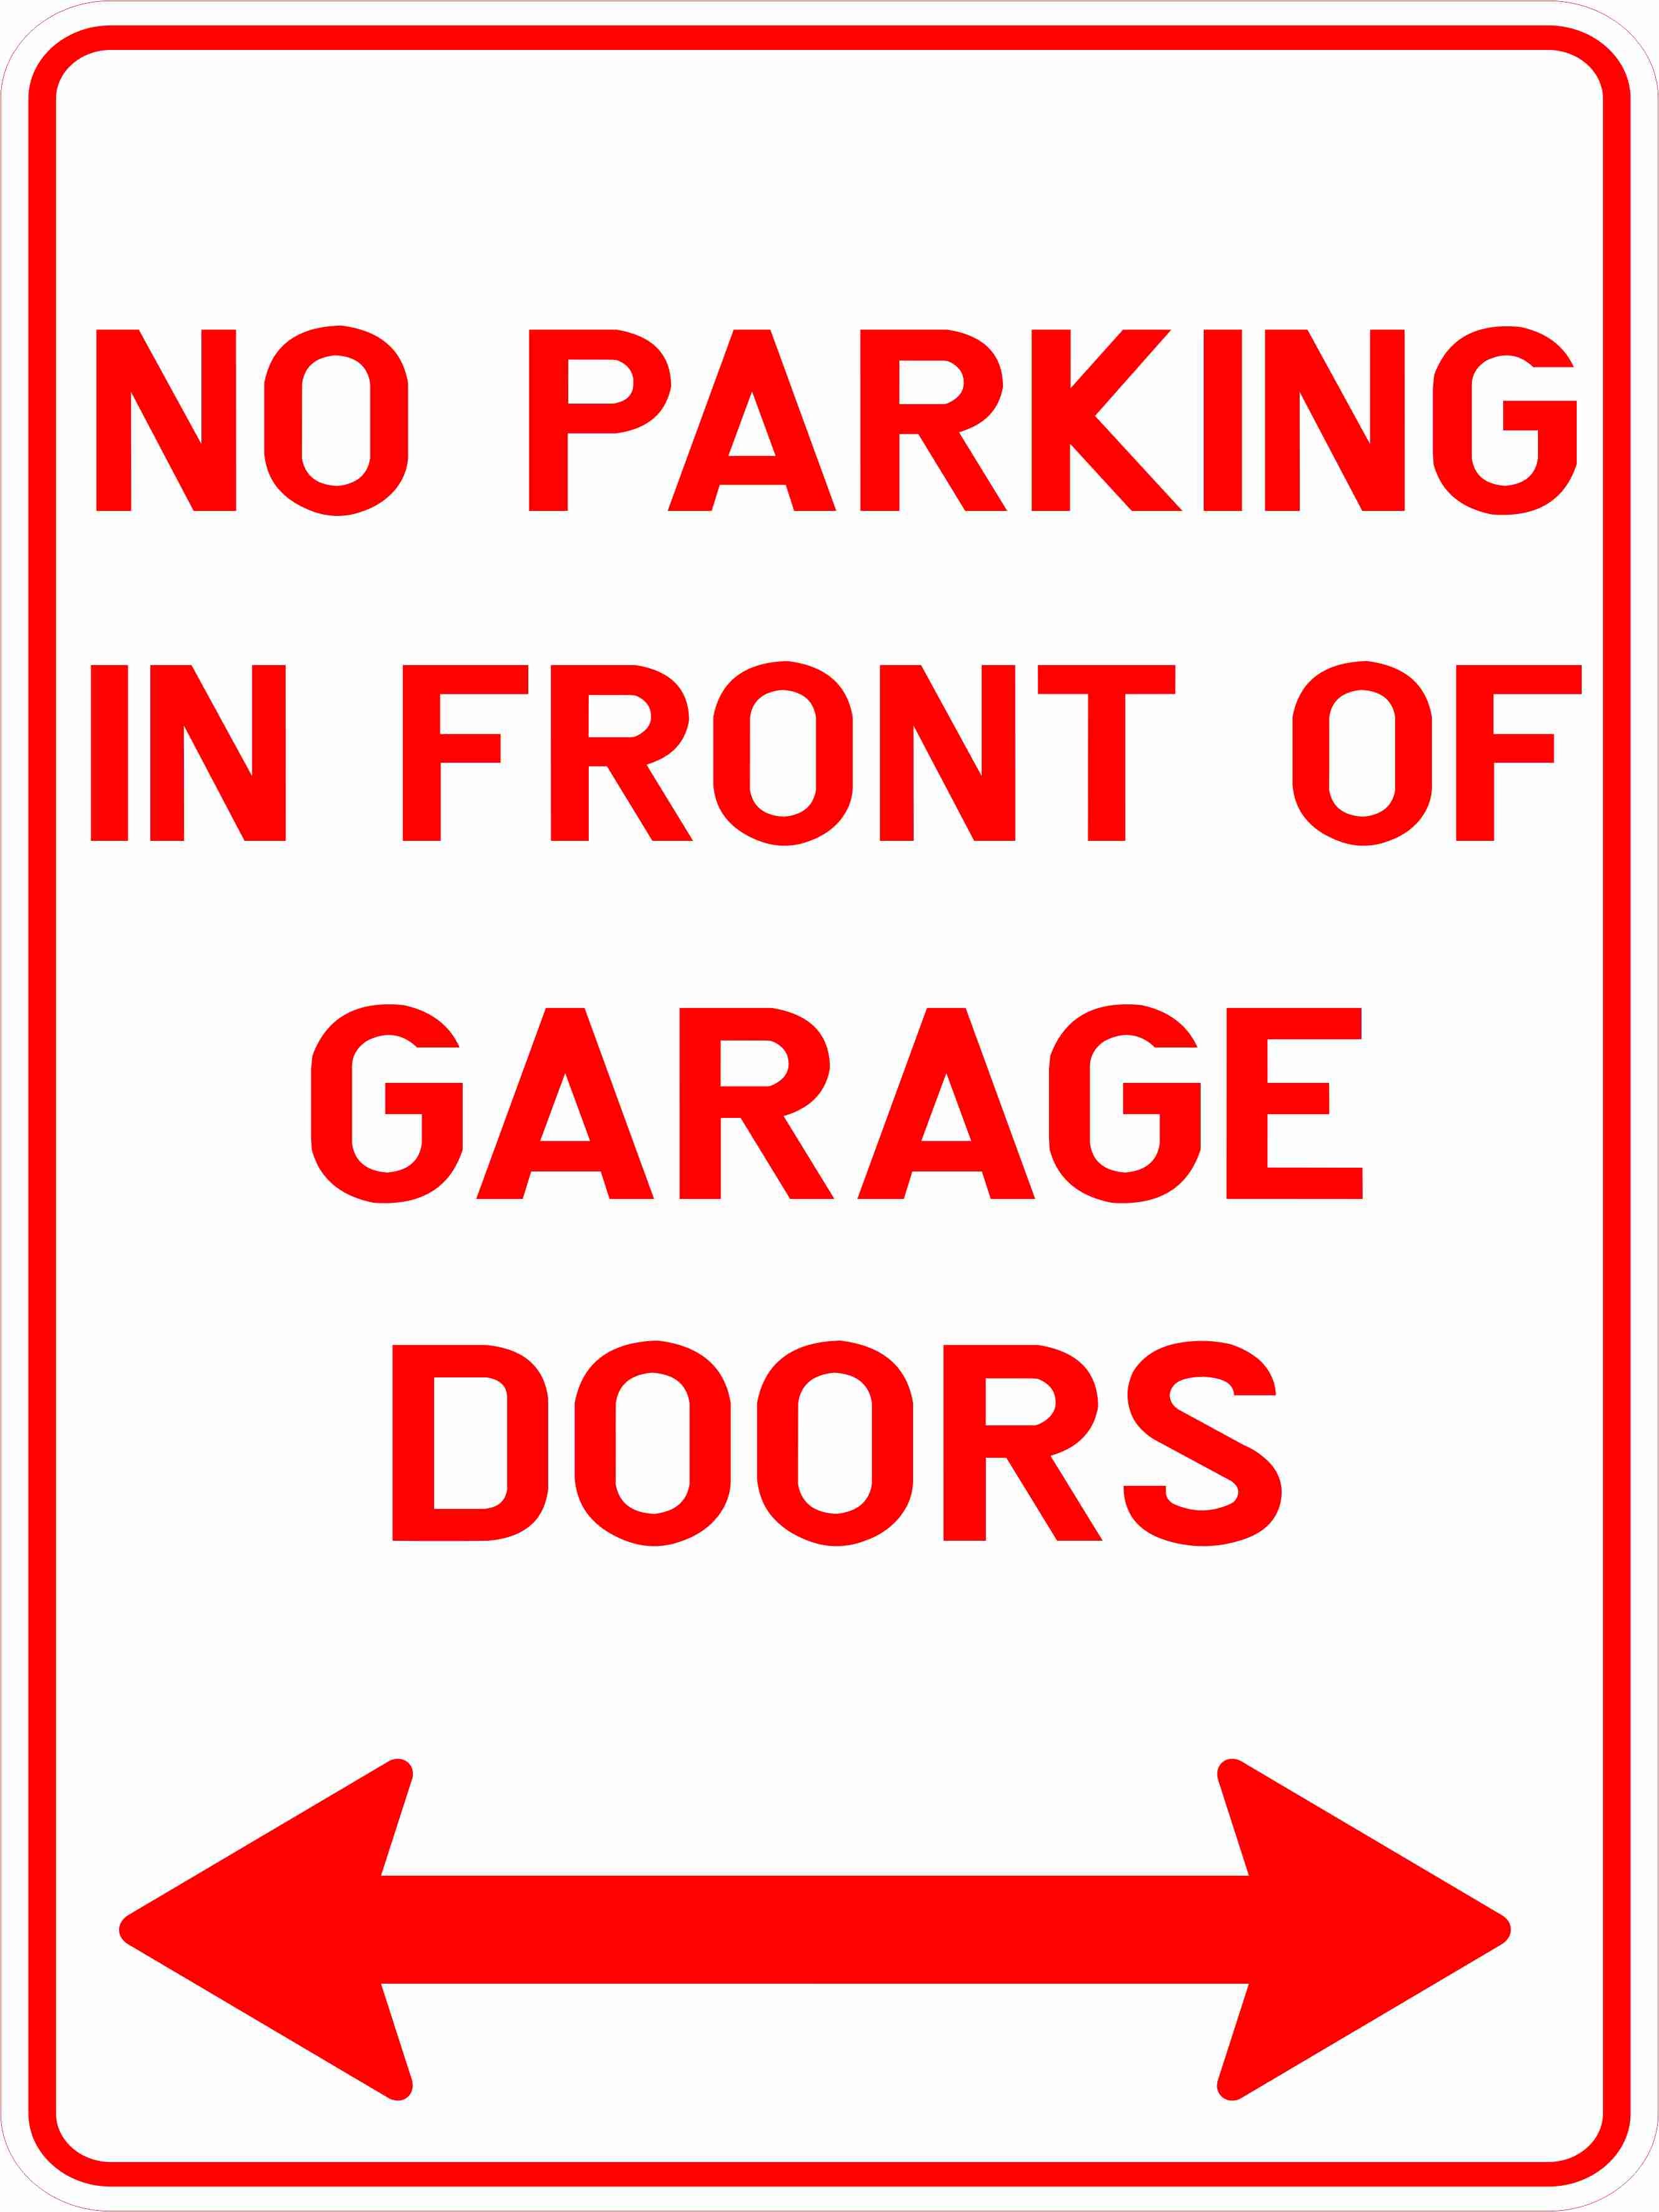 Parking Signs NO PARKING IN FRONT OF GARAGE DOORS